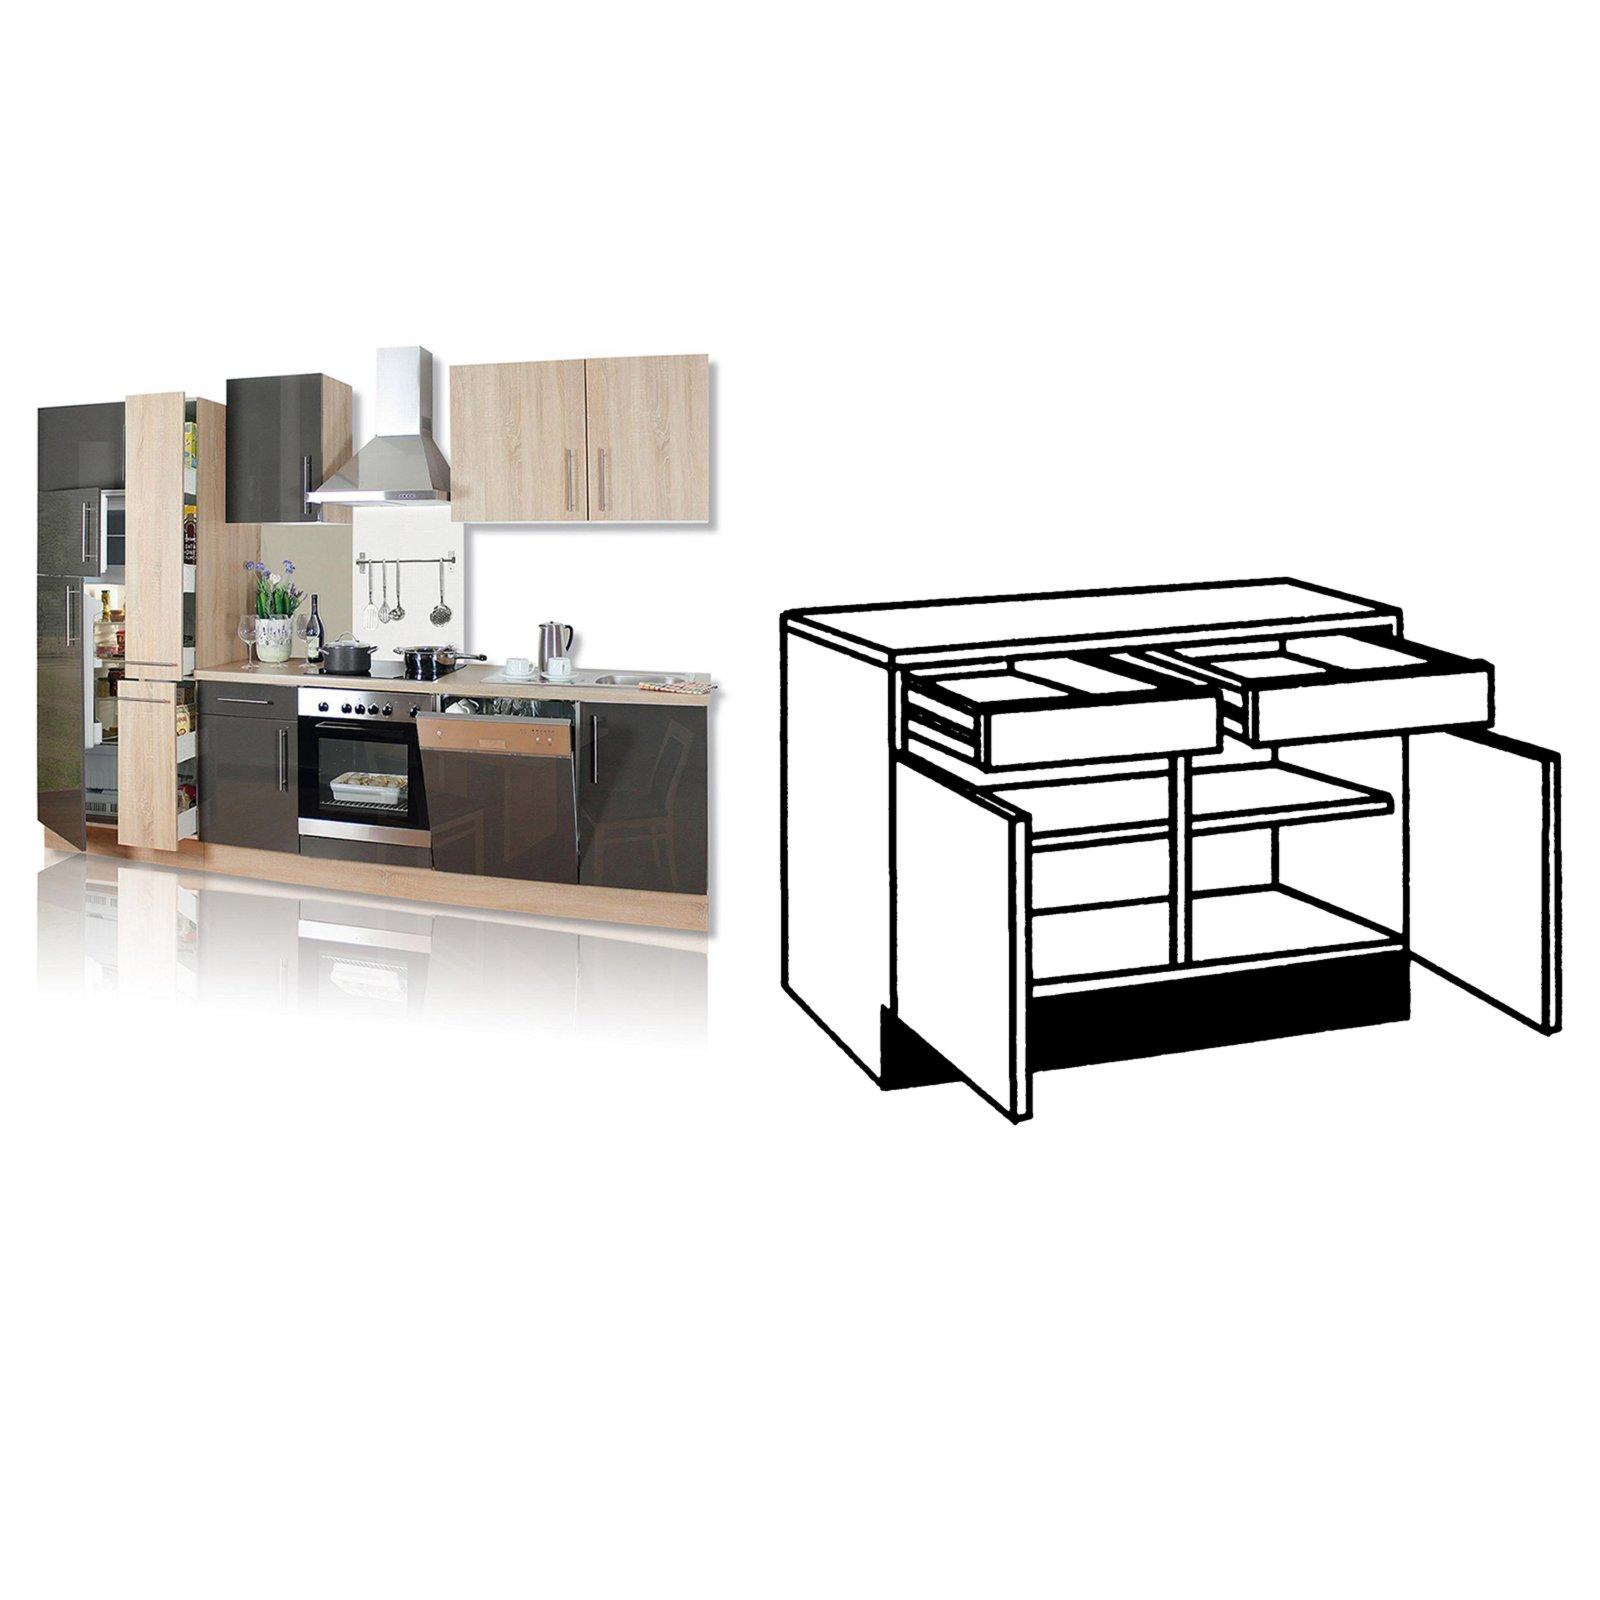 küche jana | schrankserien | küchenschränke | möbel | möbelhaus roller